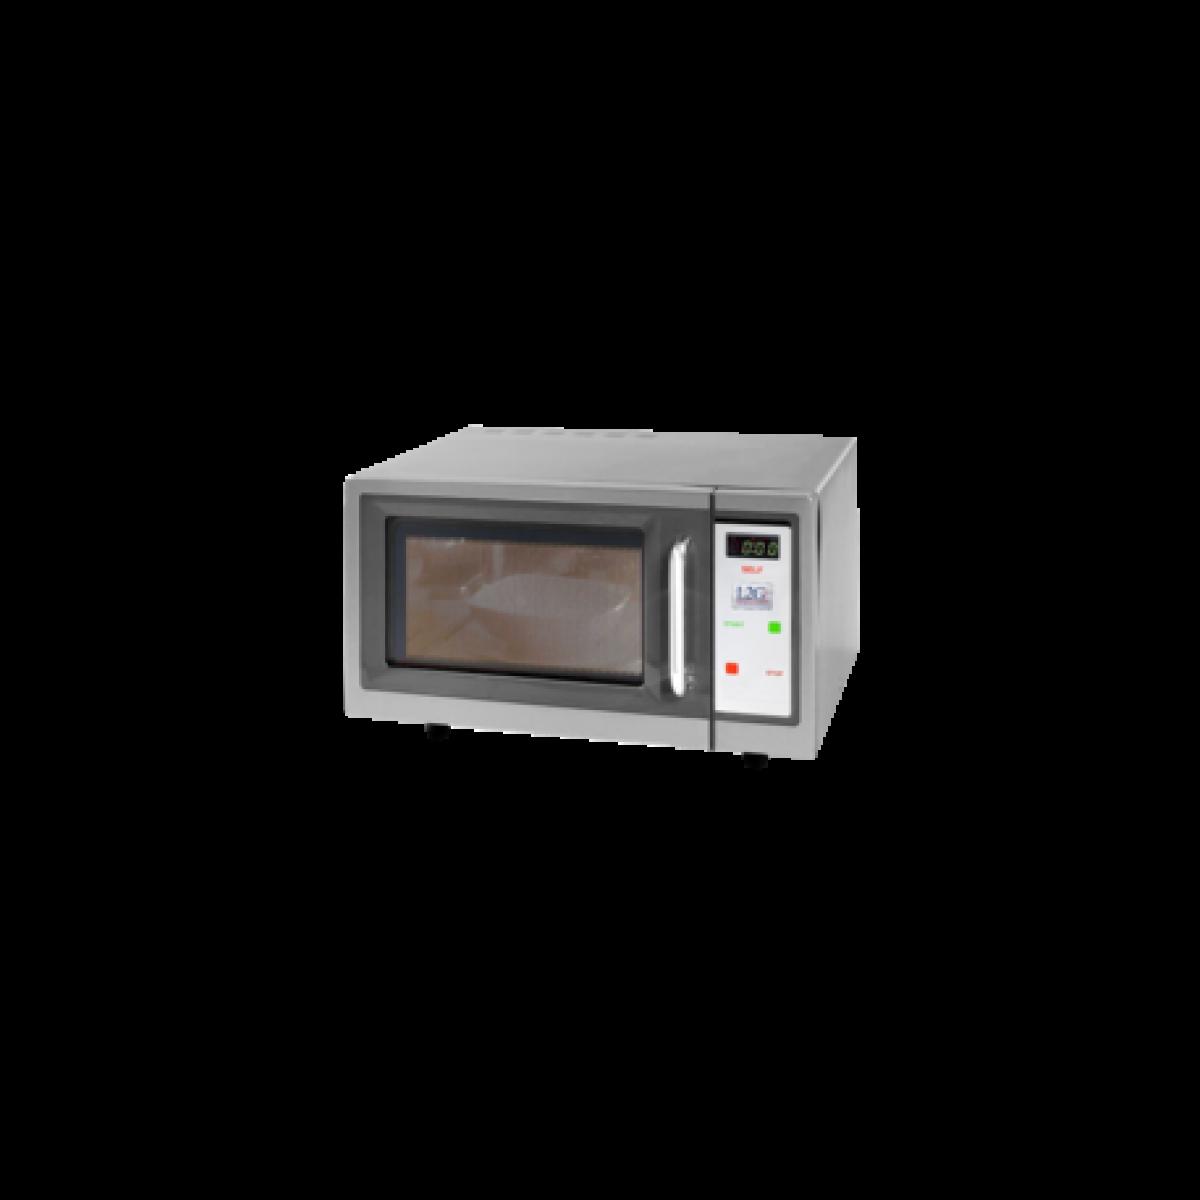 L2G Four micro ondes professionnel - Spécial Self - 30L 1000 W - L2G - 30 Litres